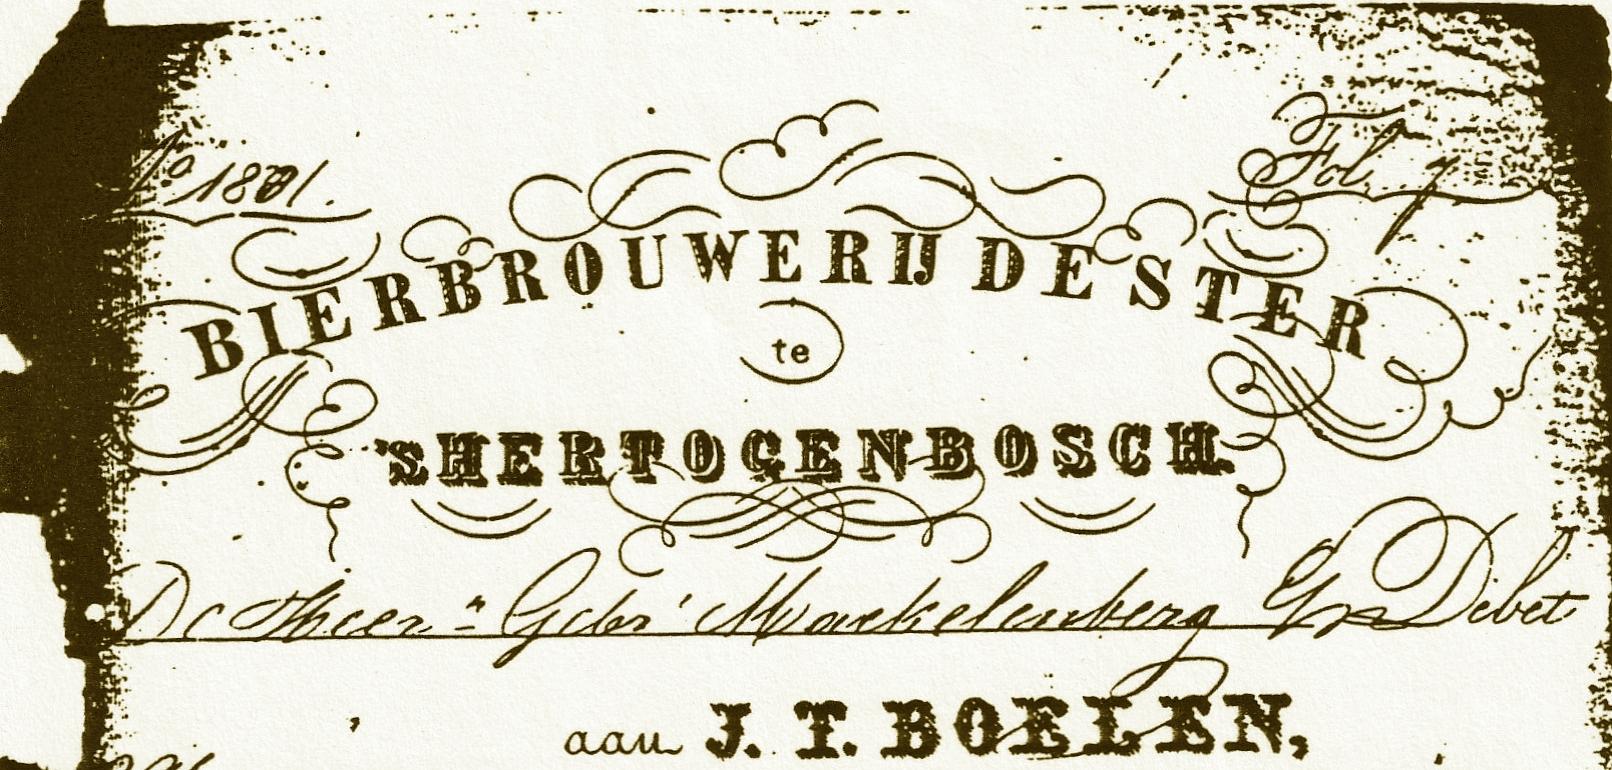 Briefhoofd van bierbrouwerij De Ster uit 's-Hertogenbosch (met dank aan John Klijnholstz)